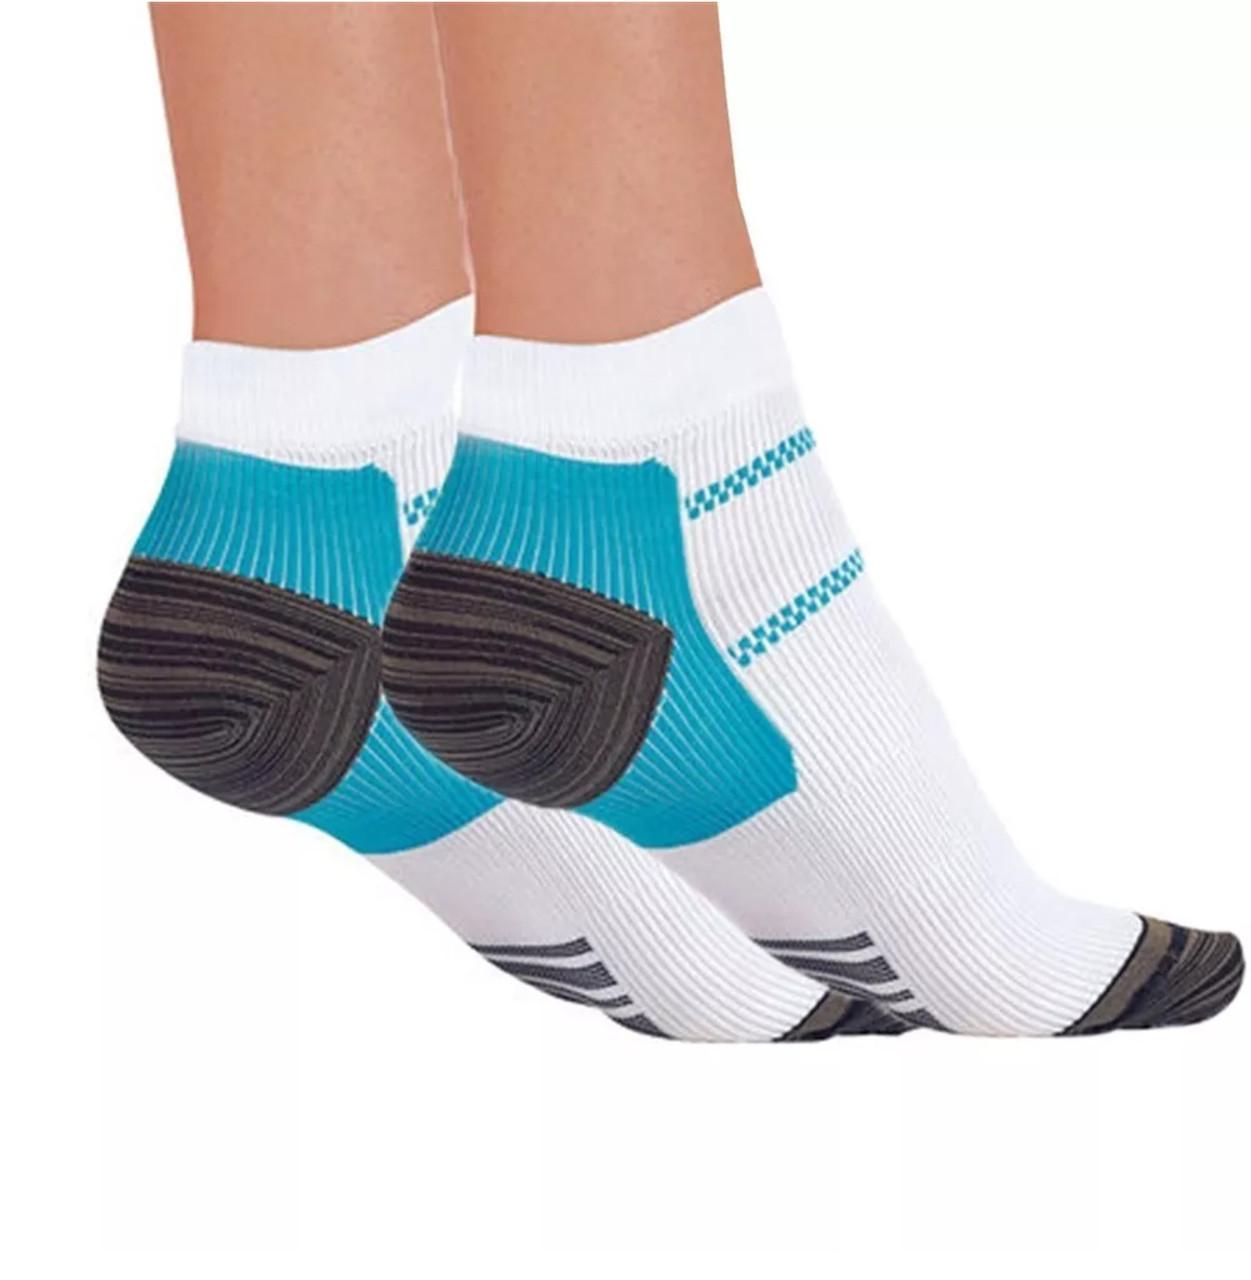 Компрессионные носки для спорта и бега (1 пара) для мужчин и женщин бело-голубые